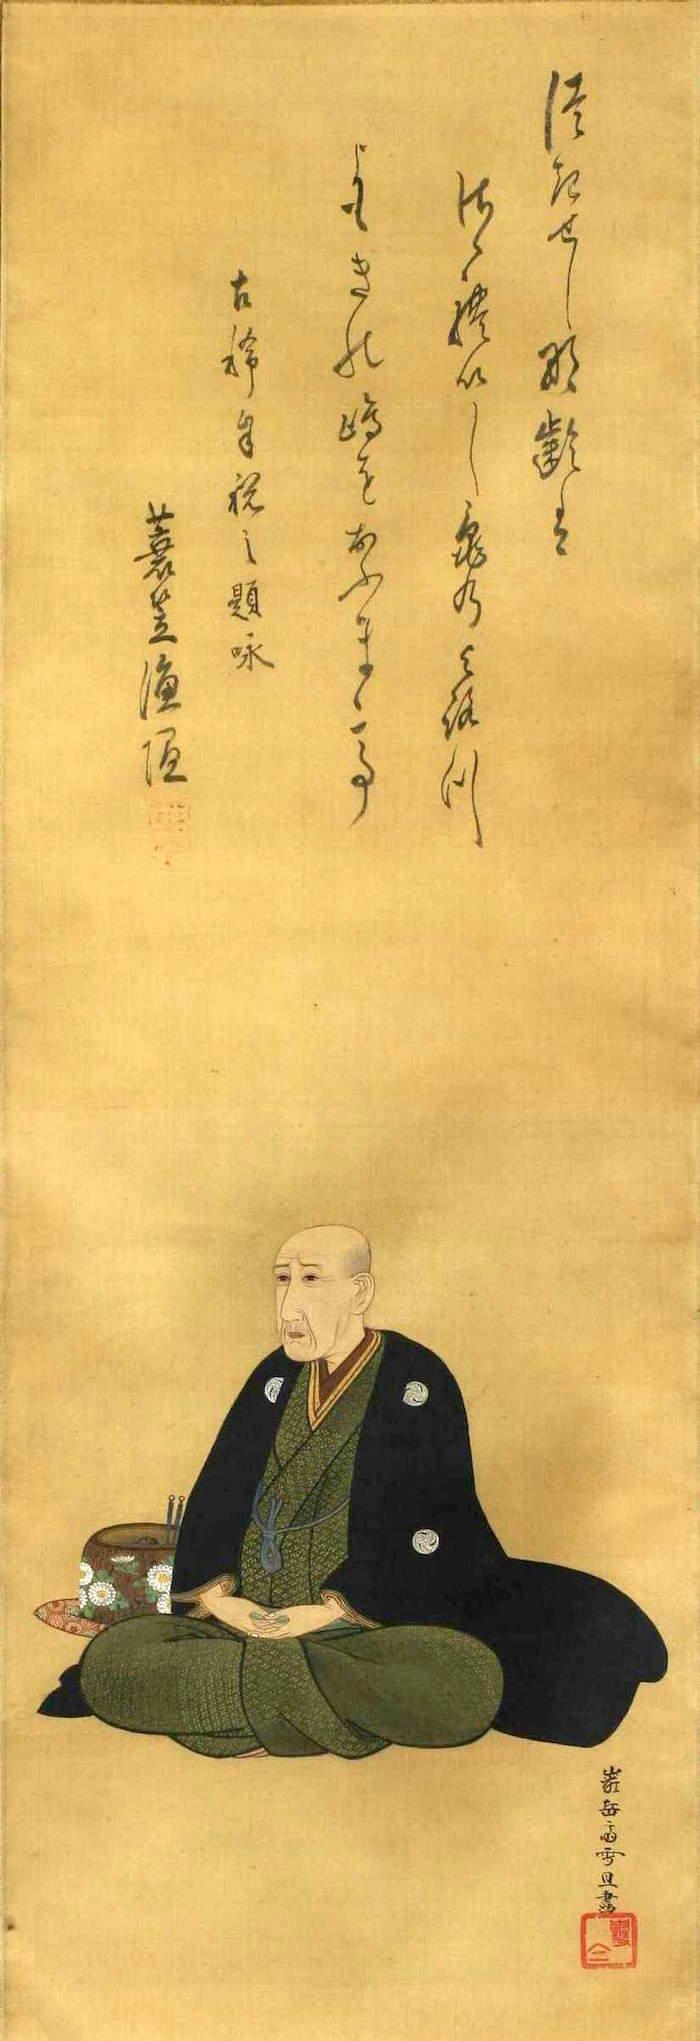 曲亭馬琴の肖像画